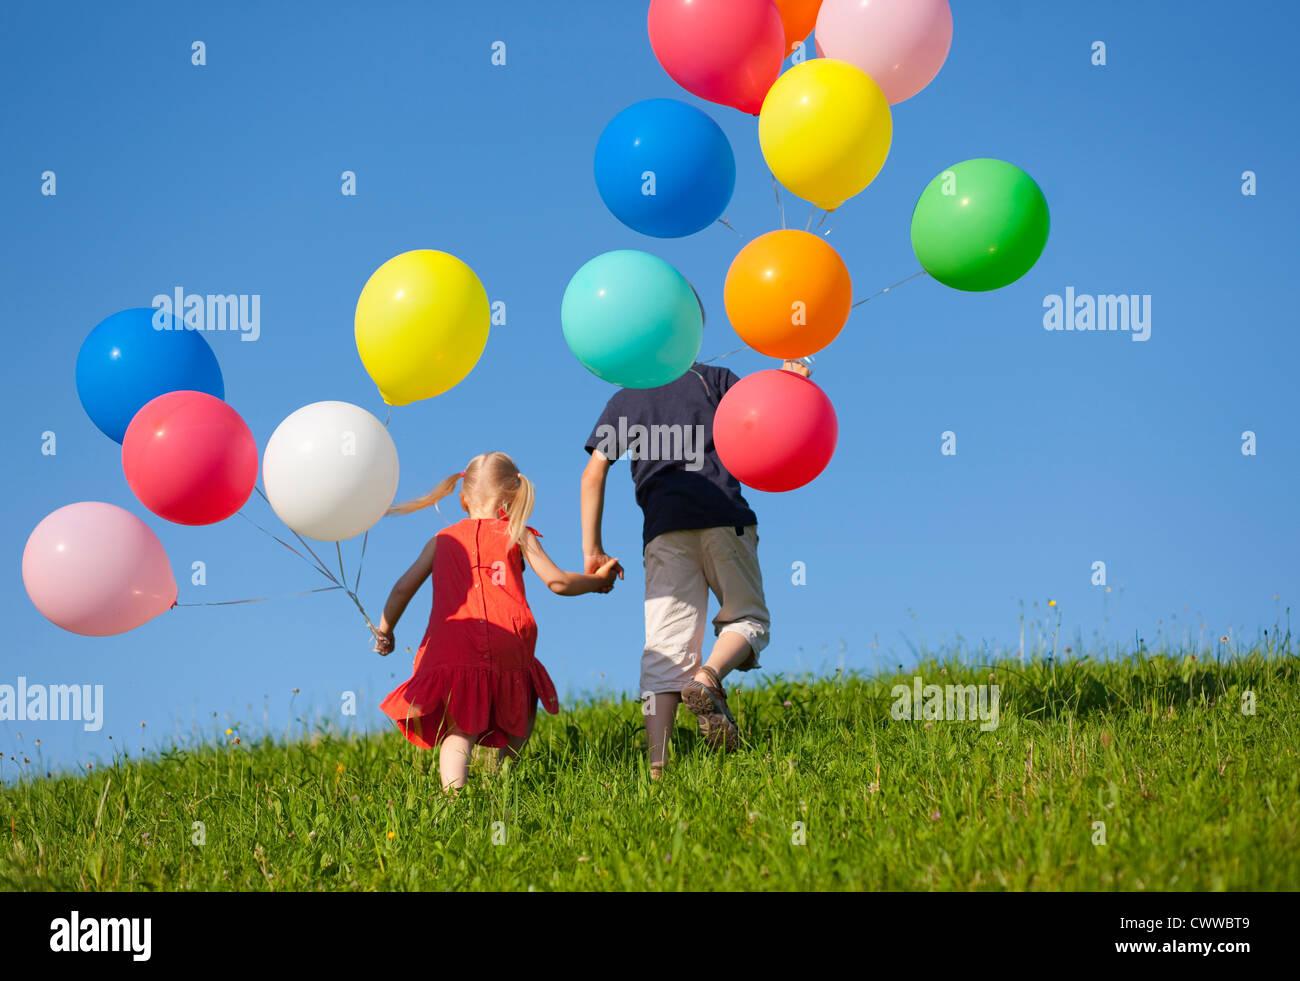 Los niños con globos de colores en la hierba Imagen De Stock